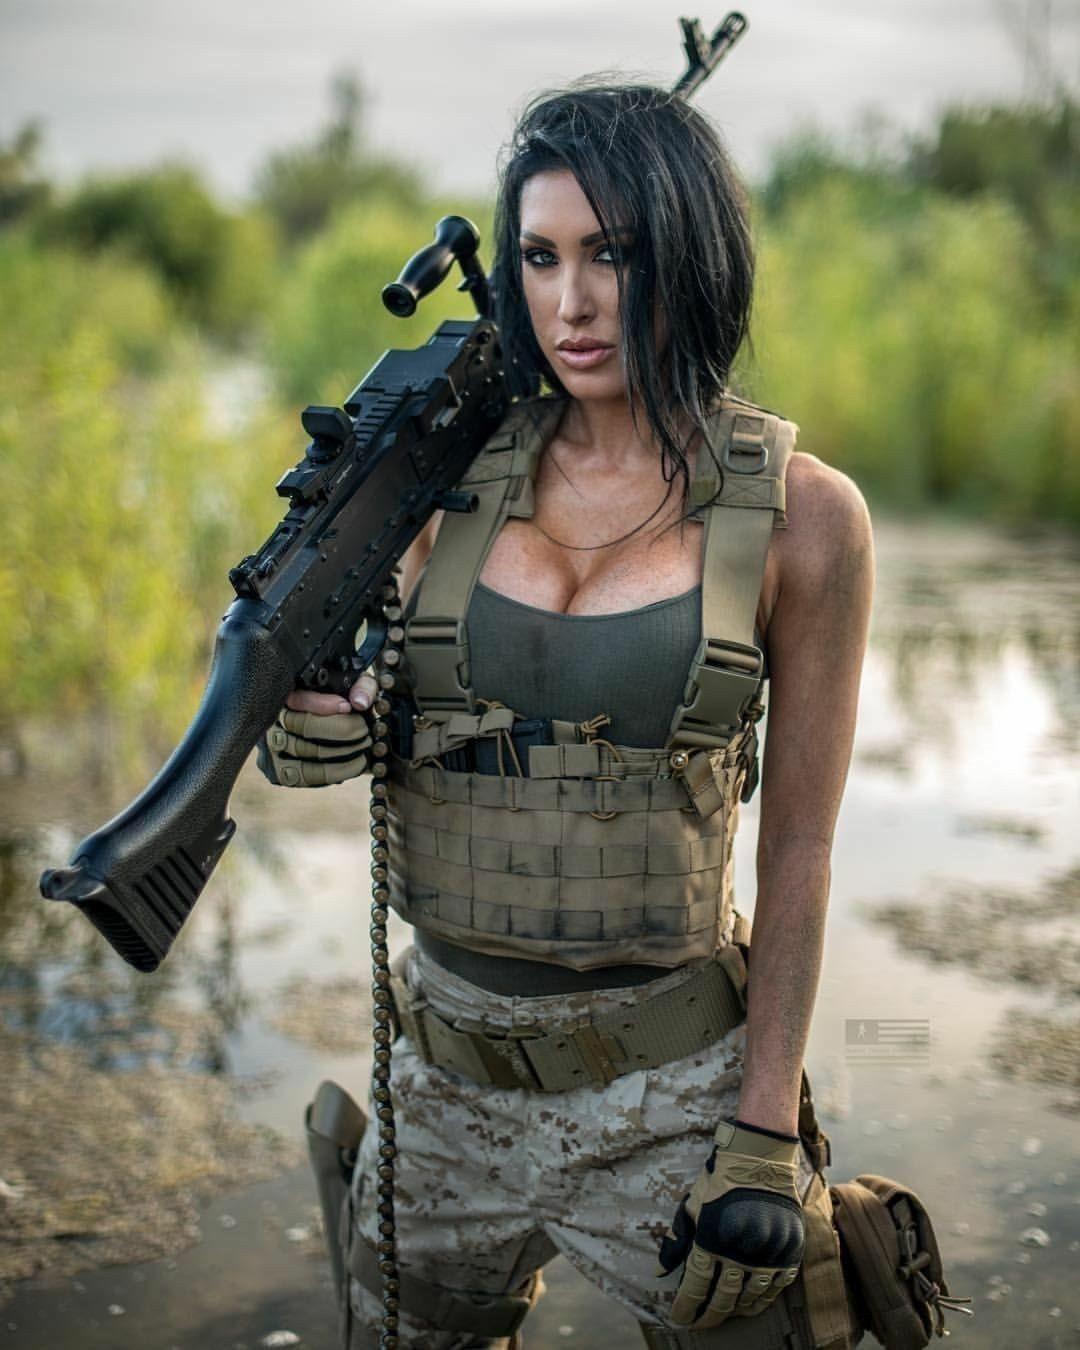 from Amari naked women with machine guns